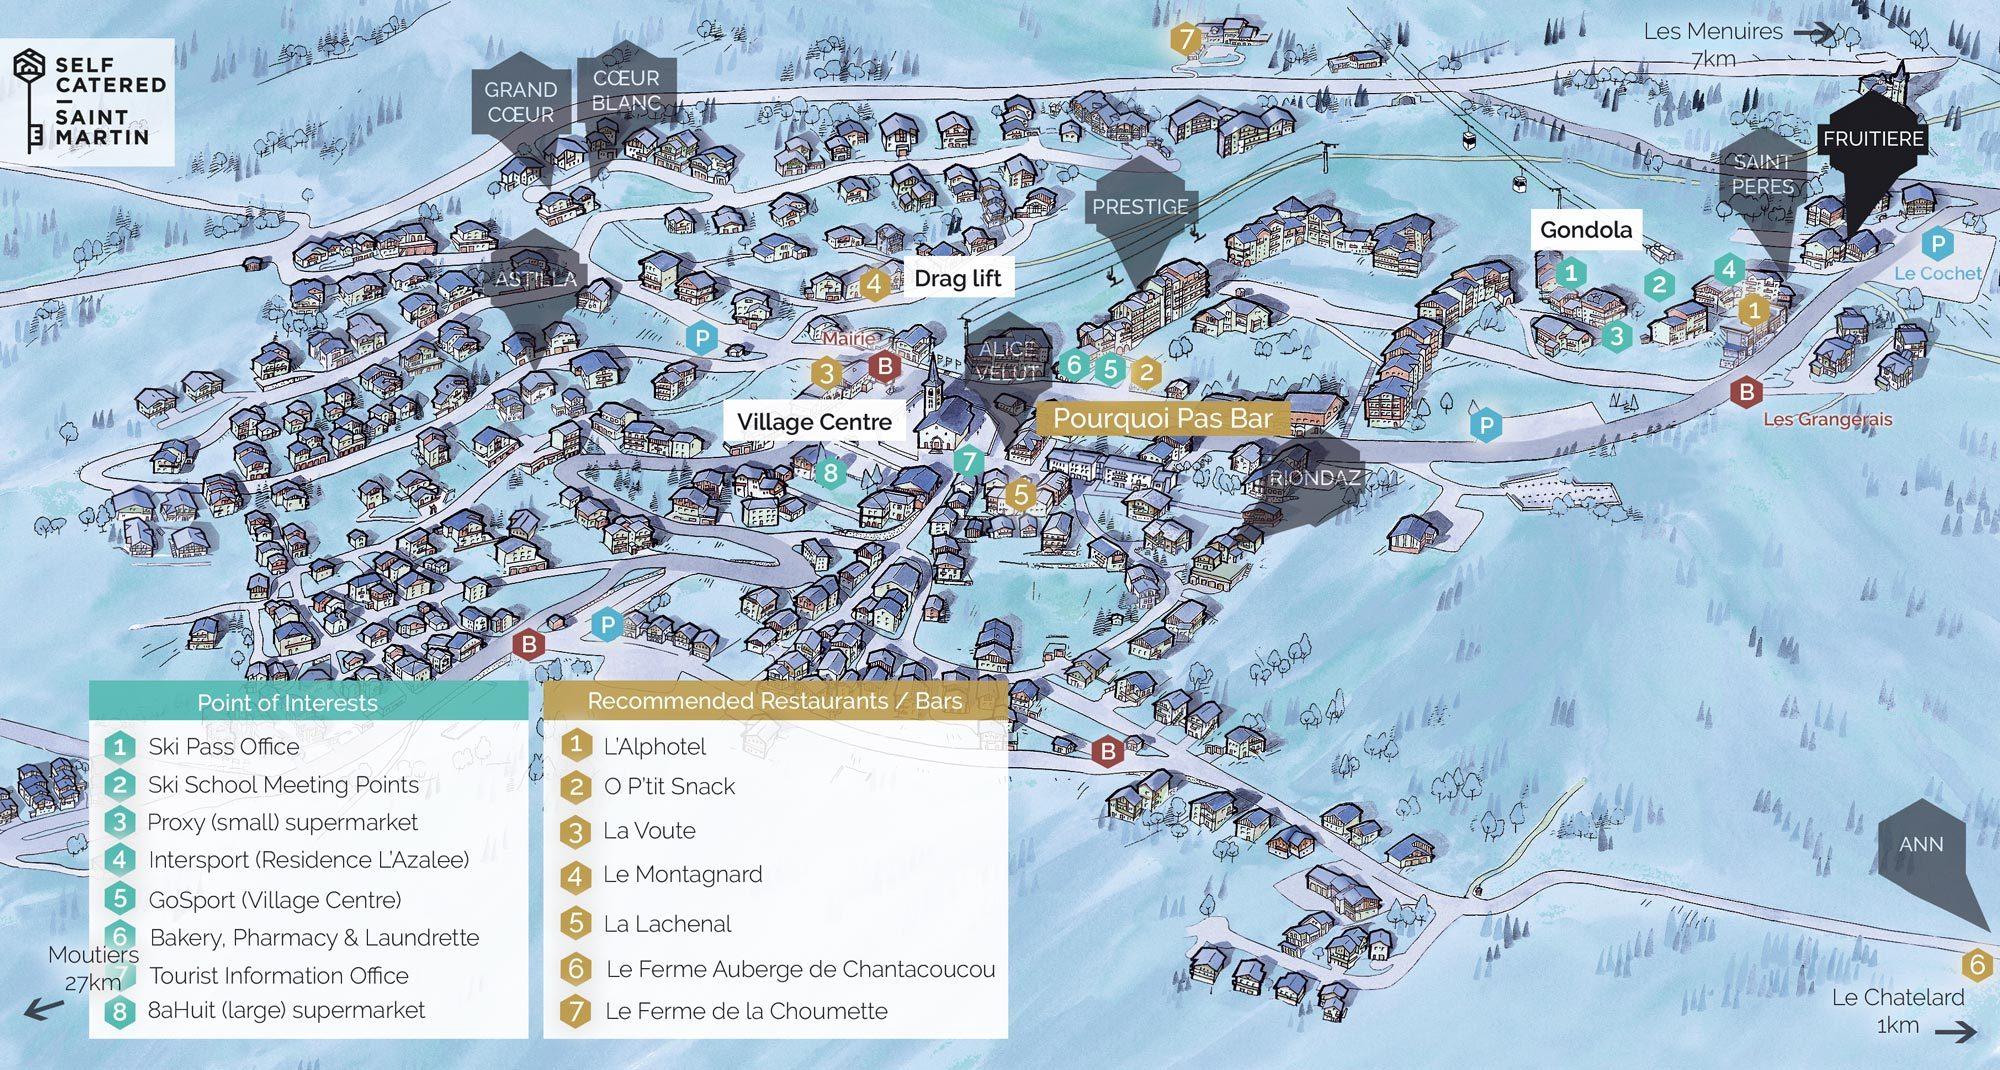 Chalet Fruitiere in St Martin de Belleville   Resort Map   Self Catered - Saint Martin